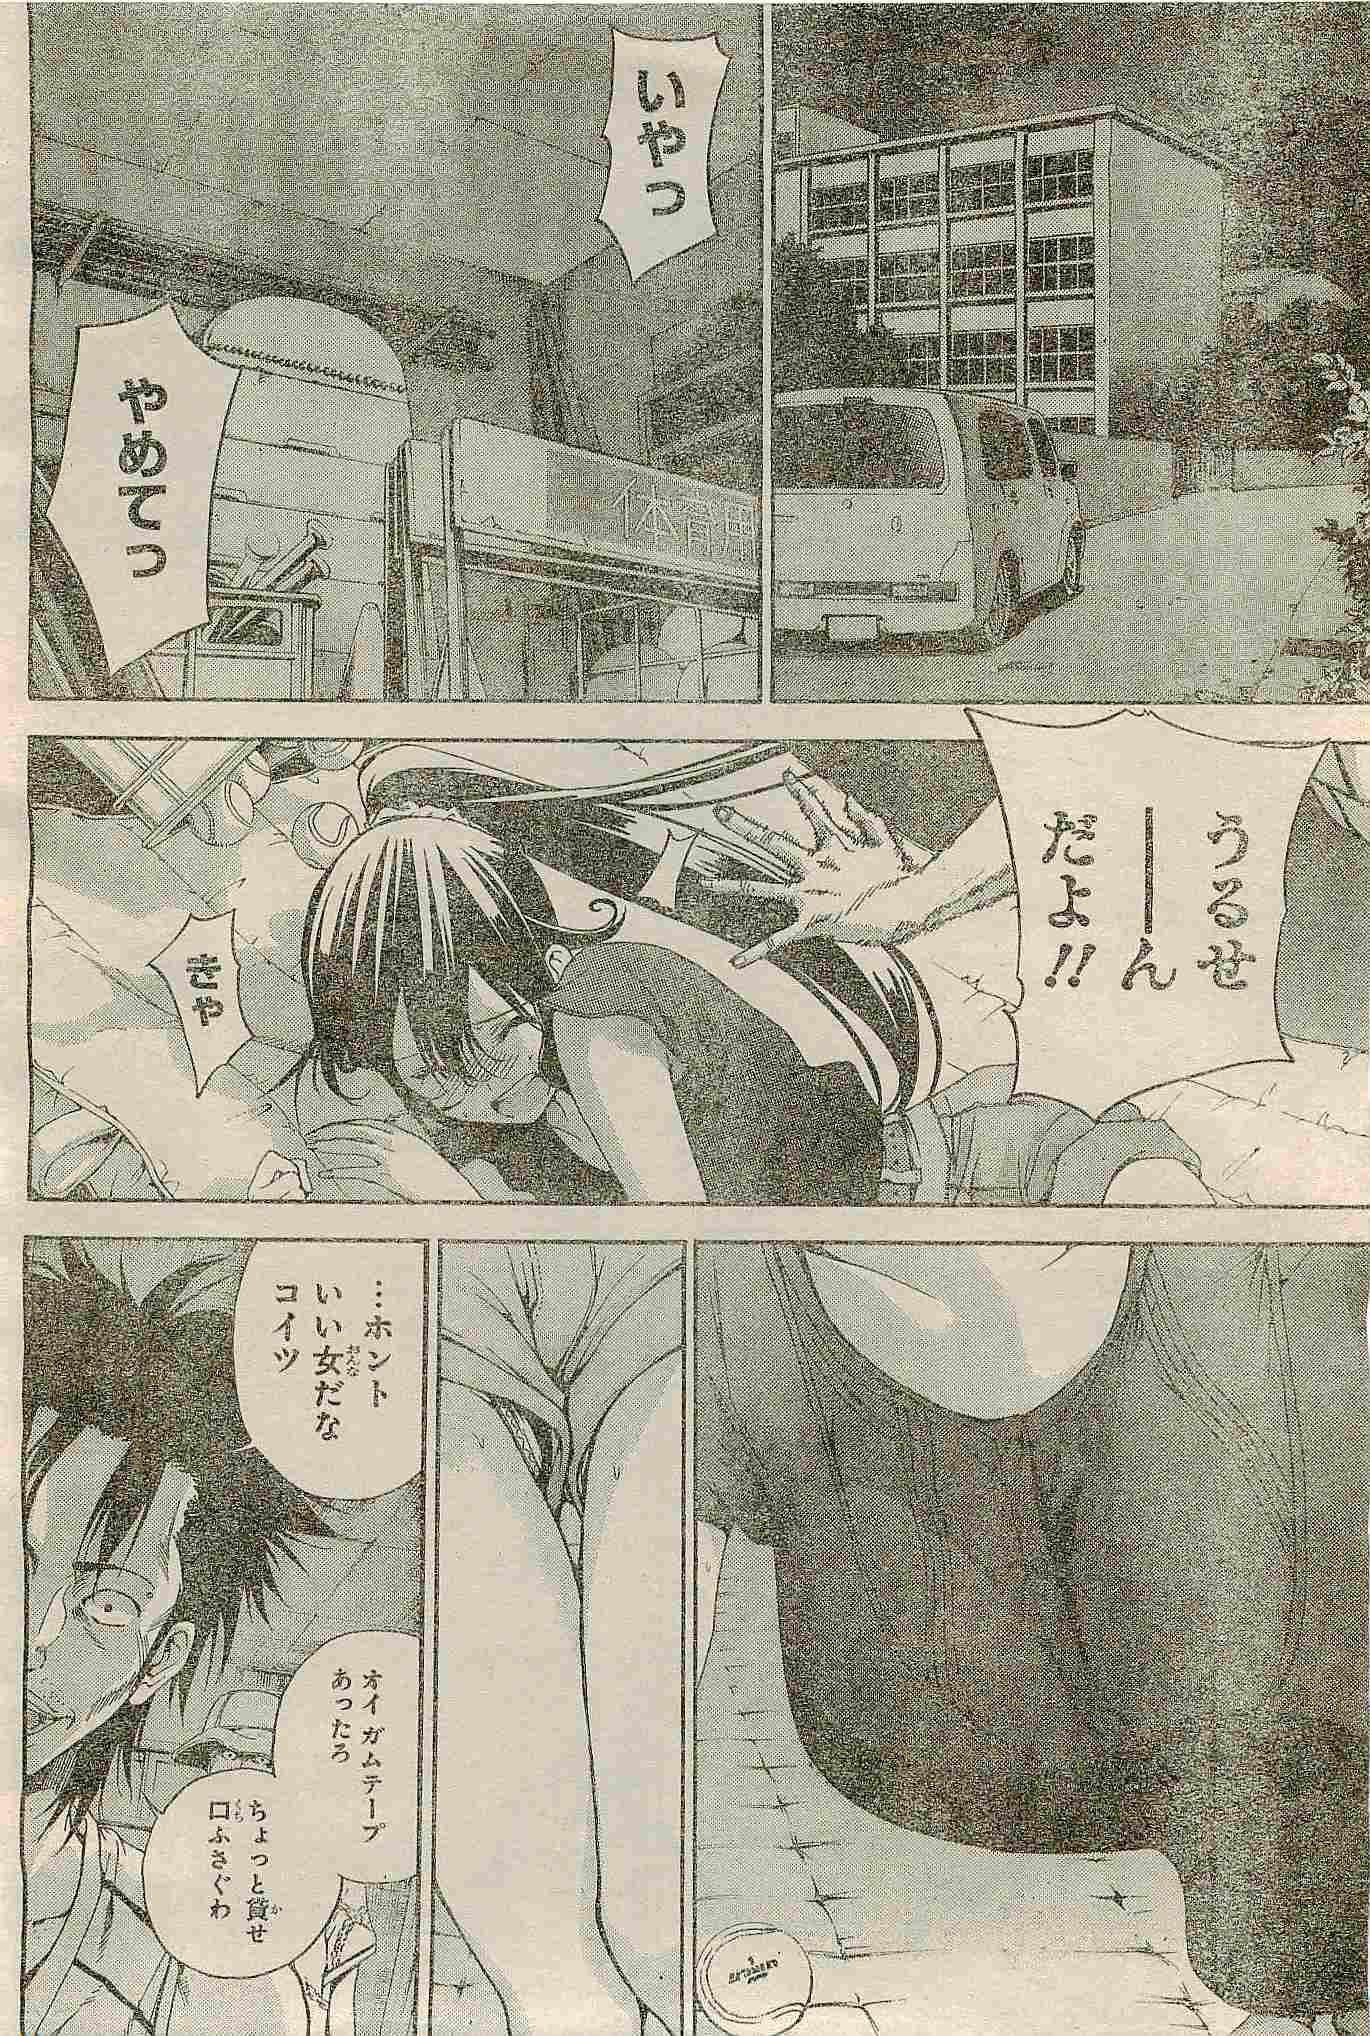 少年誌等の挿入シーンが無い微エロ漫画スレ51 [転載禁止]©bbspink.com->画像>416枚